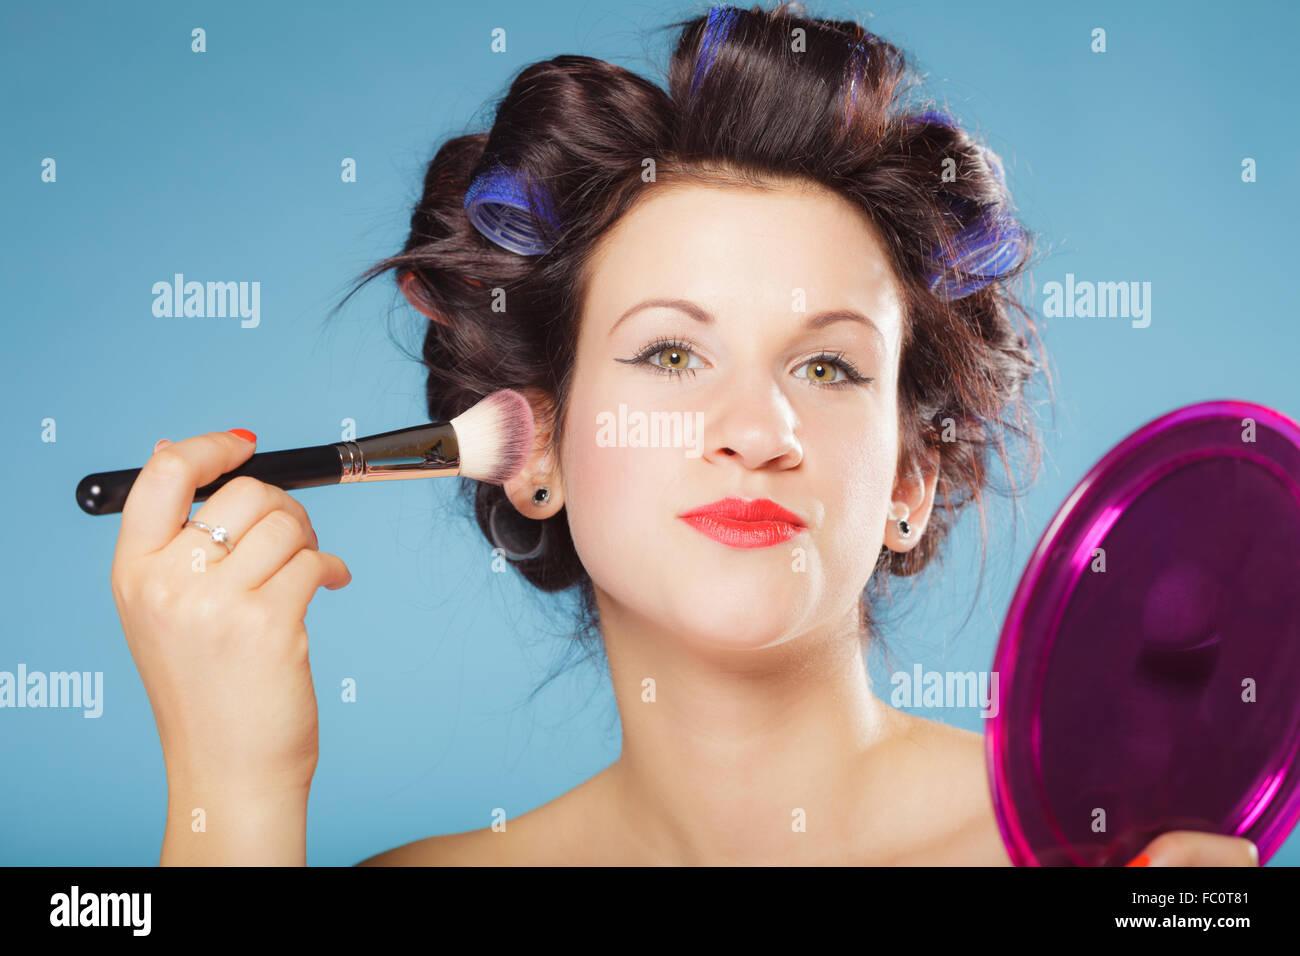 Frau mit Rouge Rouge Make-up Stockbild